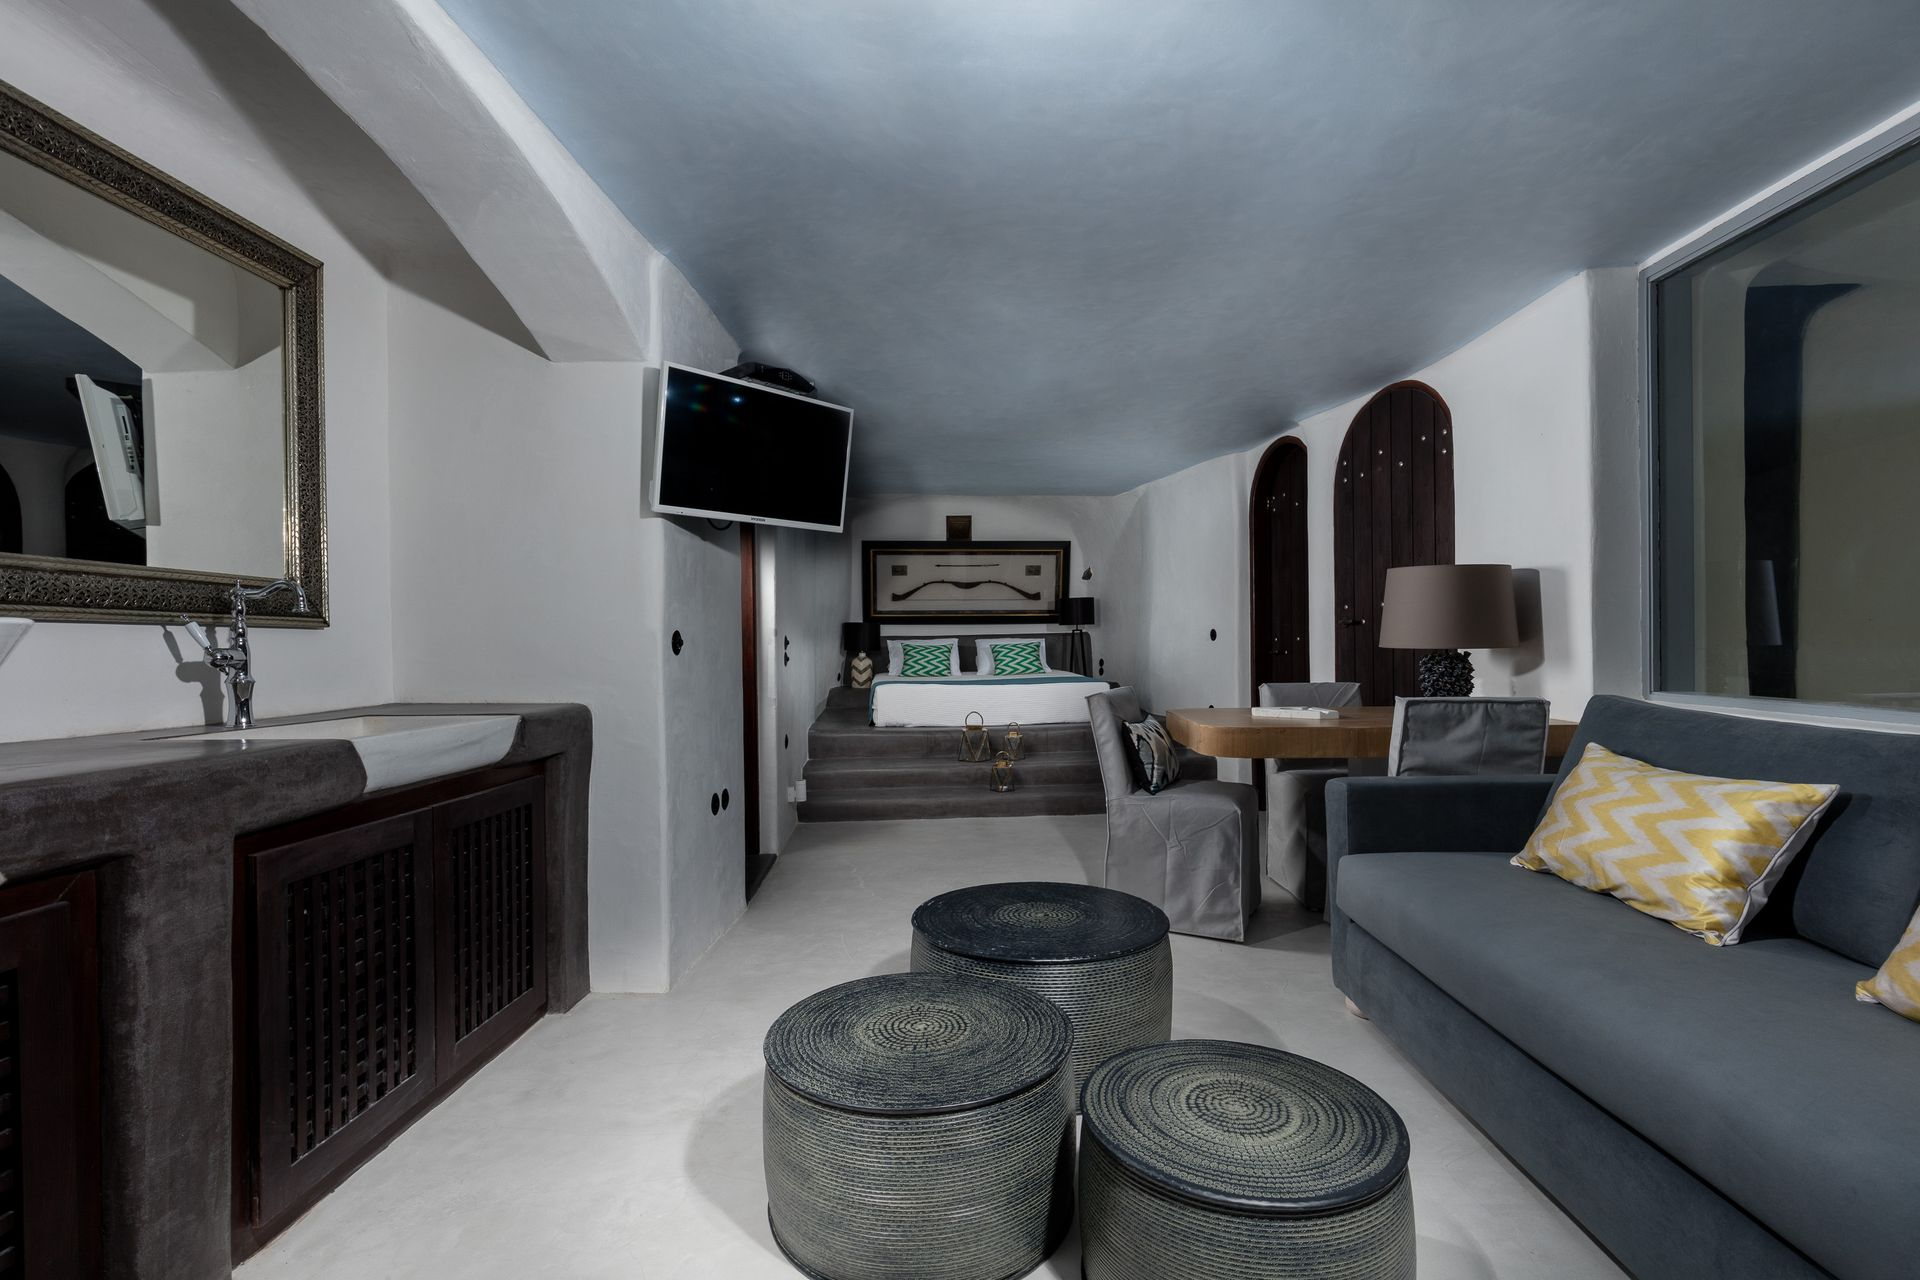 Santorini Suite With Indoor Plunge Pool Amp Caldera View